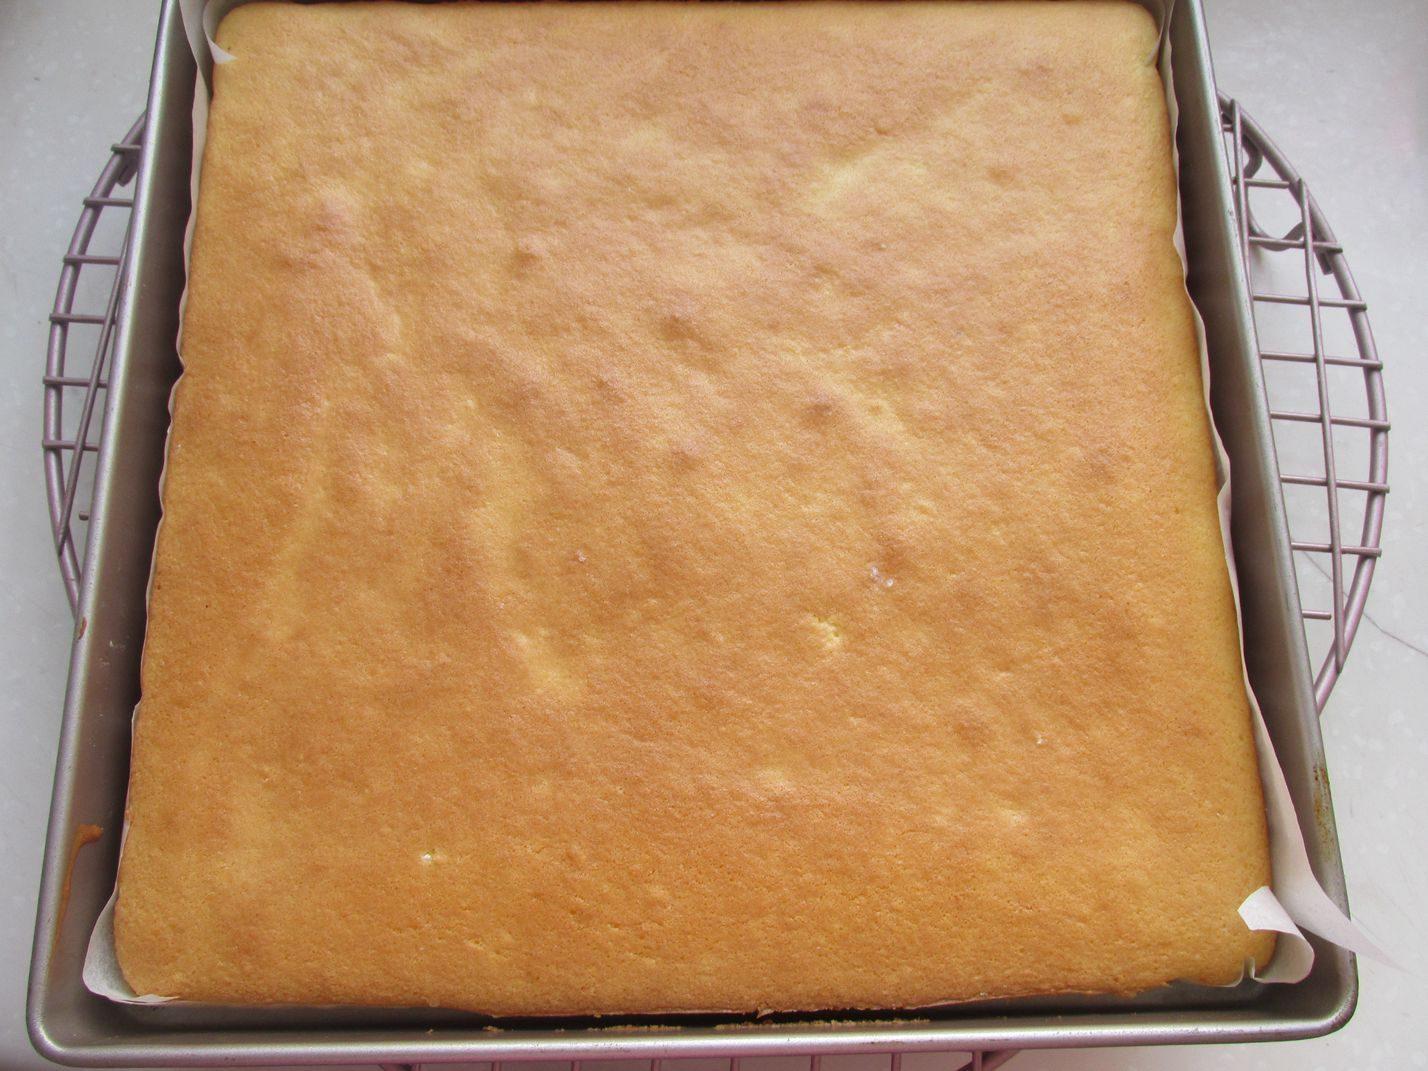 這樣做蛋糕,簡單好吃零失敗,無添加最健康,閨蜜遇上打包全搶走